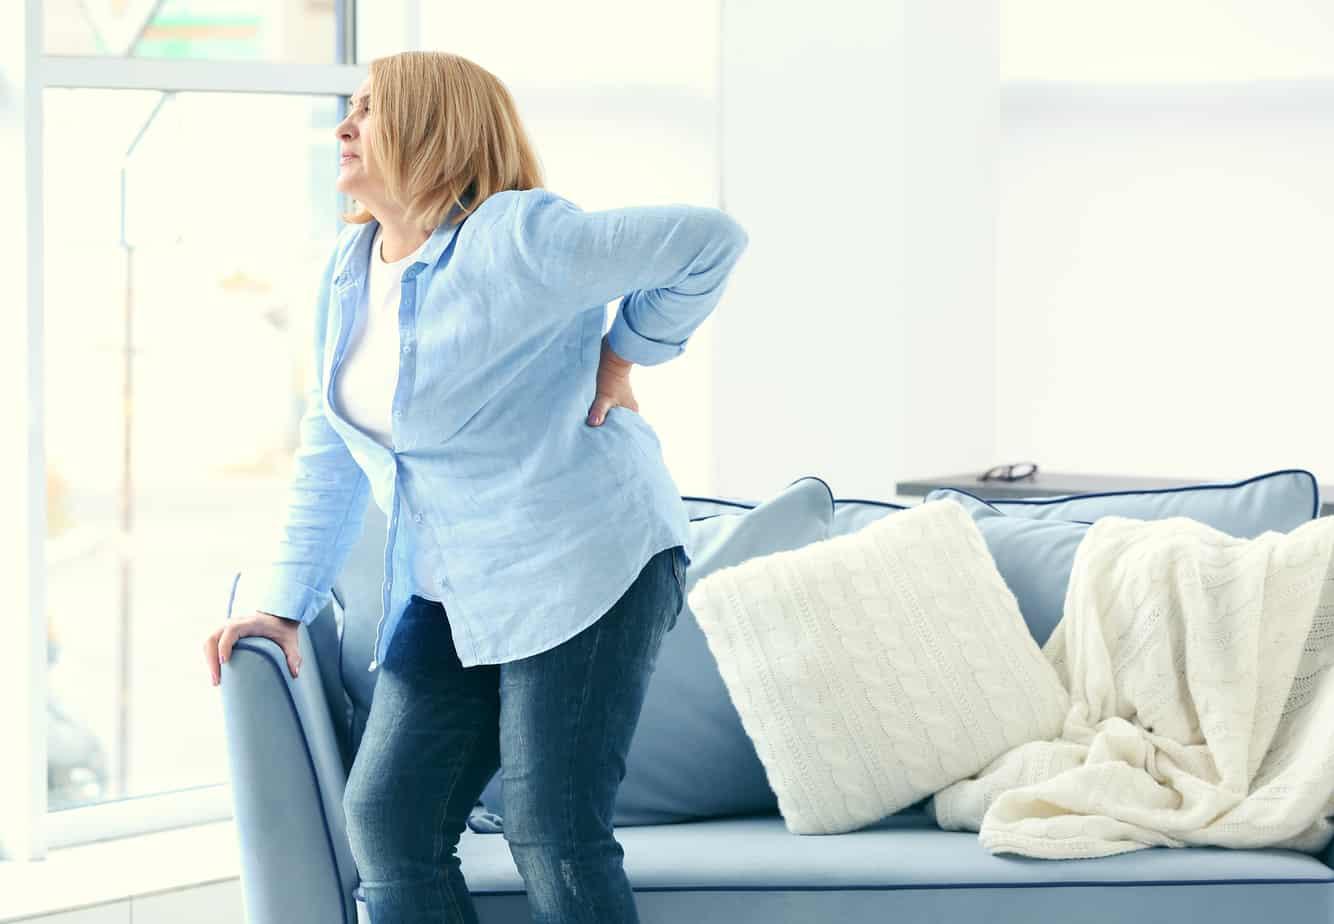 Donna soffre di mal di schiena